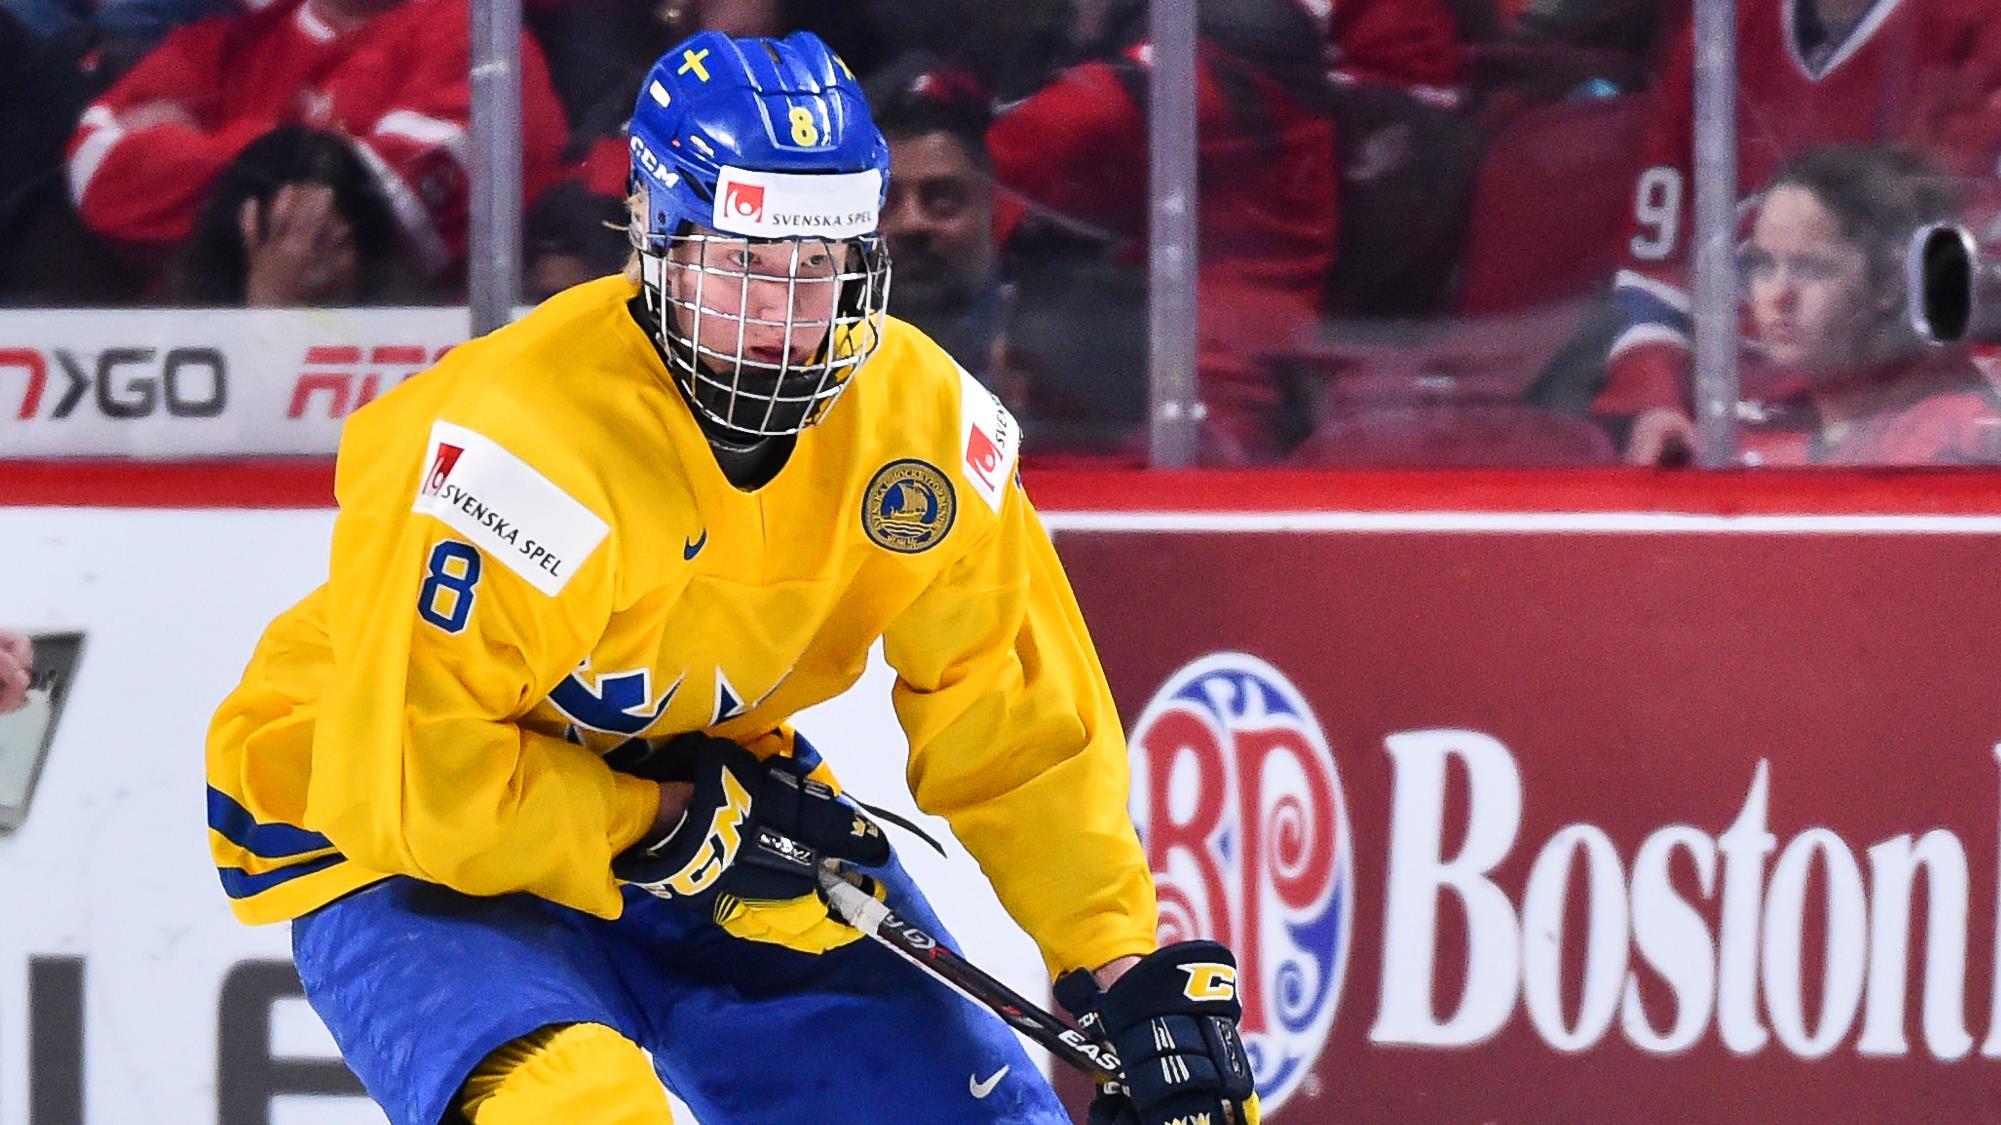 La Suède misera sur Rasmus Dahlin aux Jeux olympiques